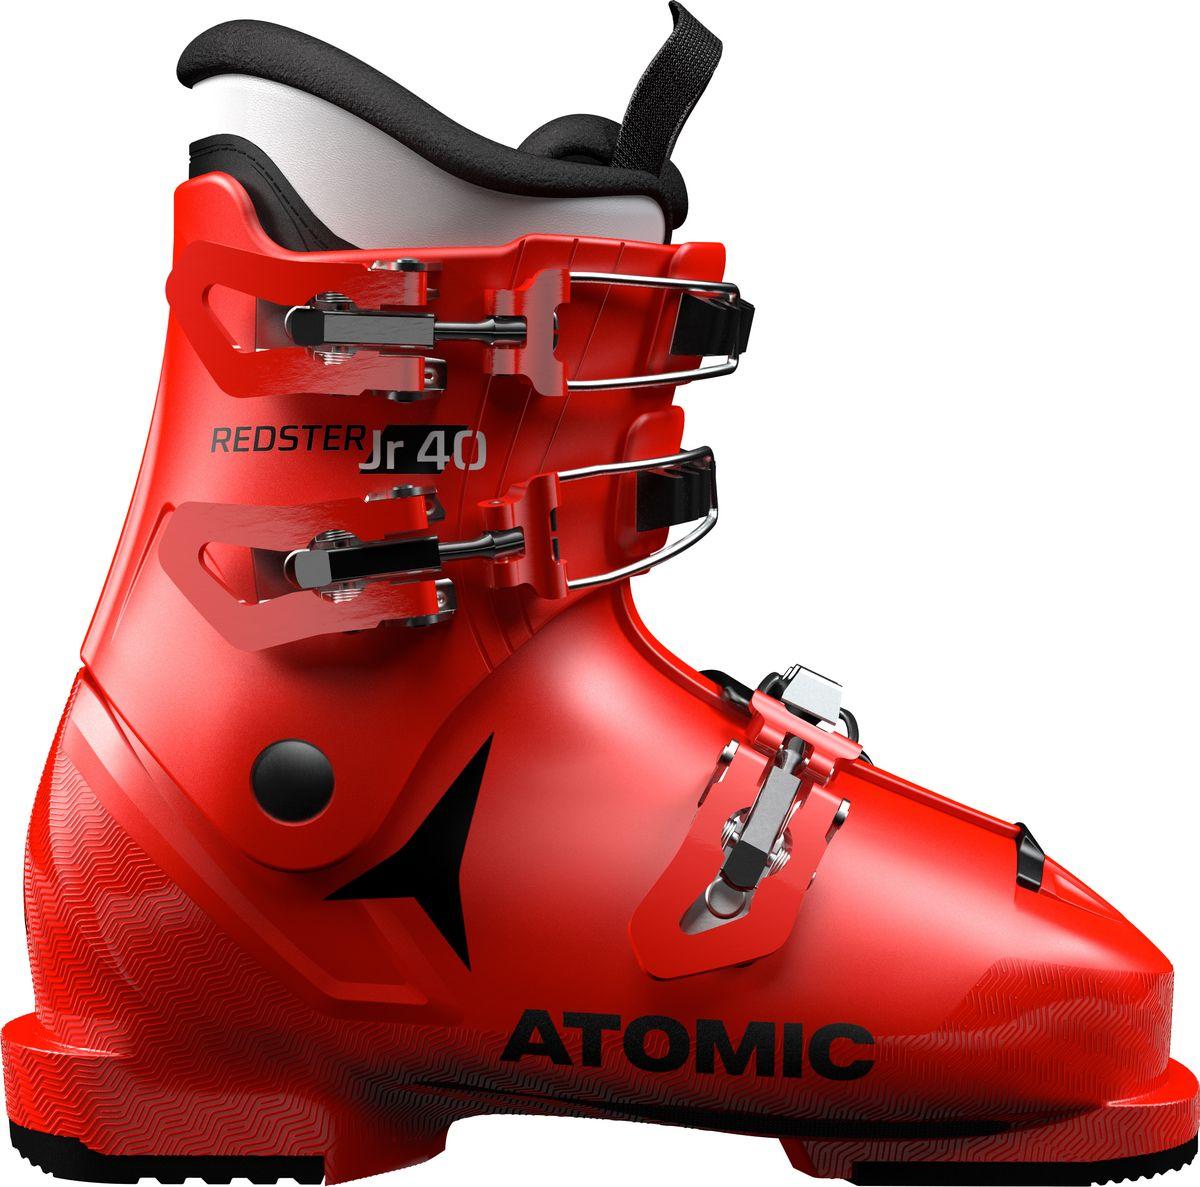 Atomic Redster Jr 40 — ботинки для юных спортсменов, стремящихся проходить трассы не хуже, чем Марсель Хиршер или Микаэла Шиффрин. Конструкция ботинок аналогична устройству серии World Cup Redster для профессионалов. Тем не менее эти ботинки вовсе не являются просто уменьшенной копией более крупных моделей— они разработаны специально для юных лыжников. Например, при увеличении размера изменяется устройство голенища и жесткость, поэтому удобнее совершенствовать технику катания и получать удовольствие.Внутренний ботинок BronzeКлипса из поликарбоната + макрорегулировкаМодель для детей и подростковВес 890 г. для размера 20/20.5